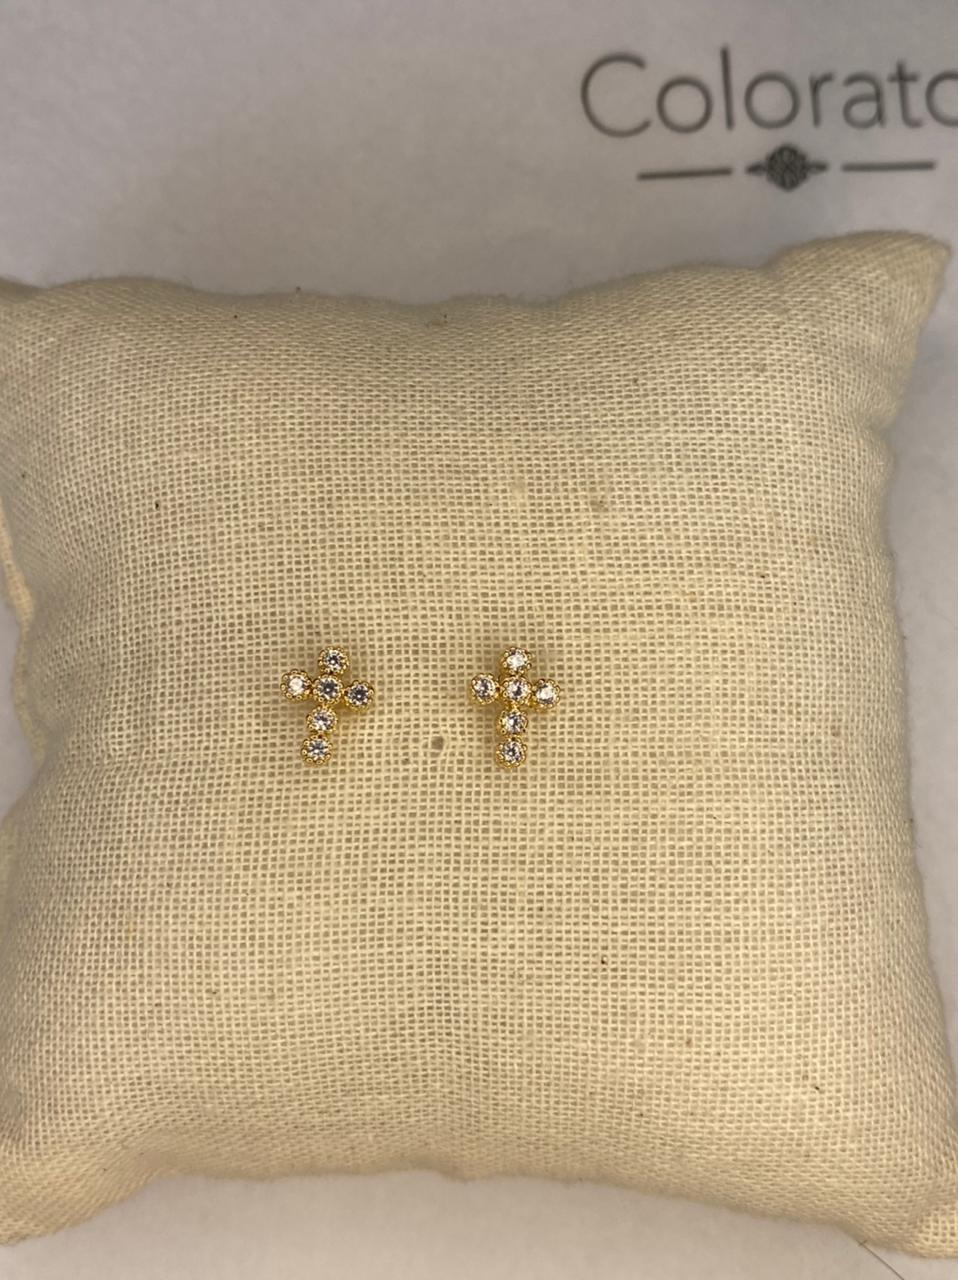 Mini brinco cruz com zircônias dourado